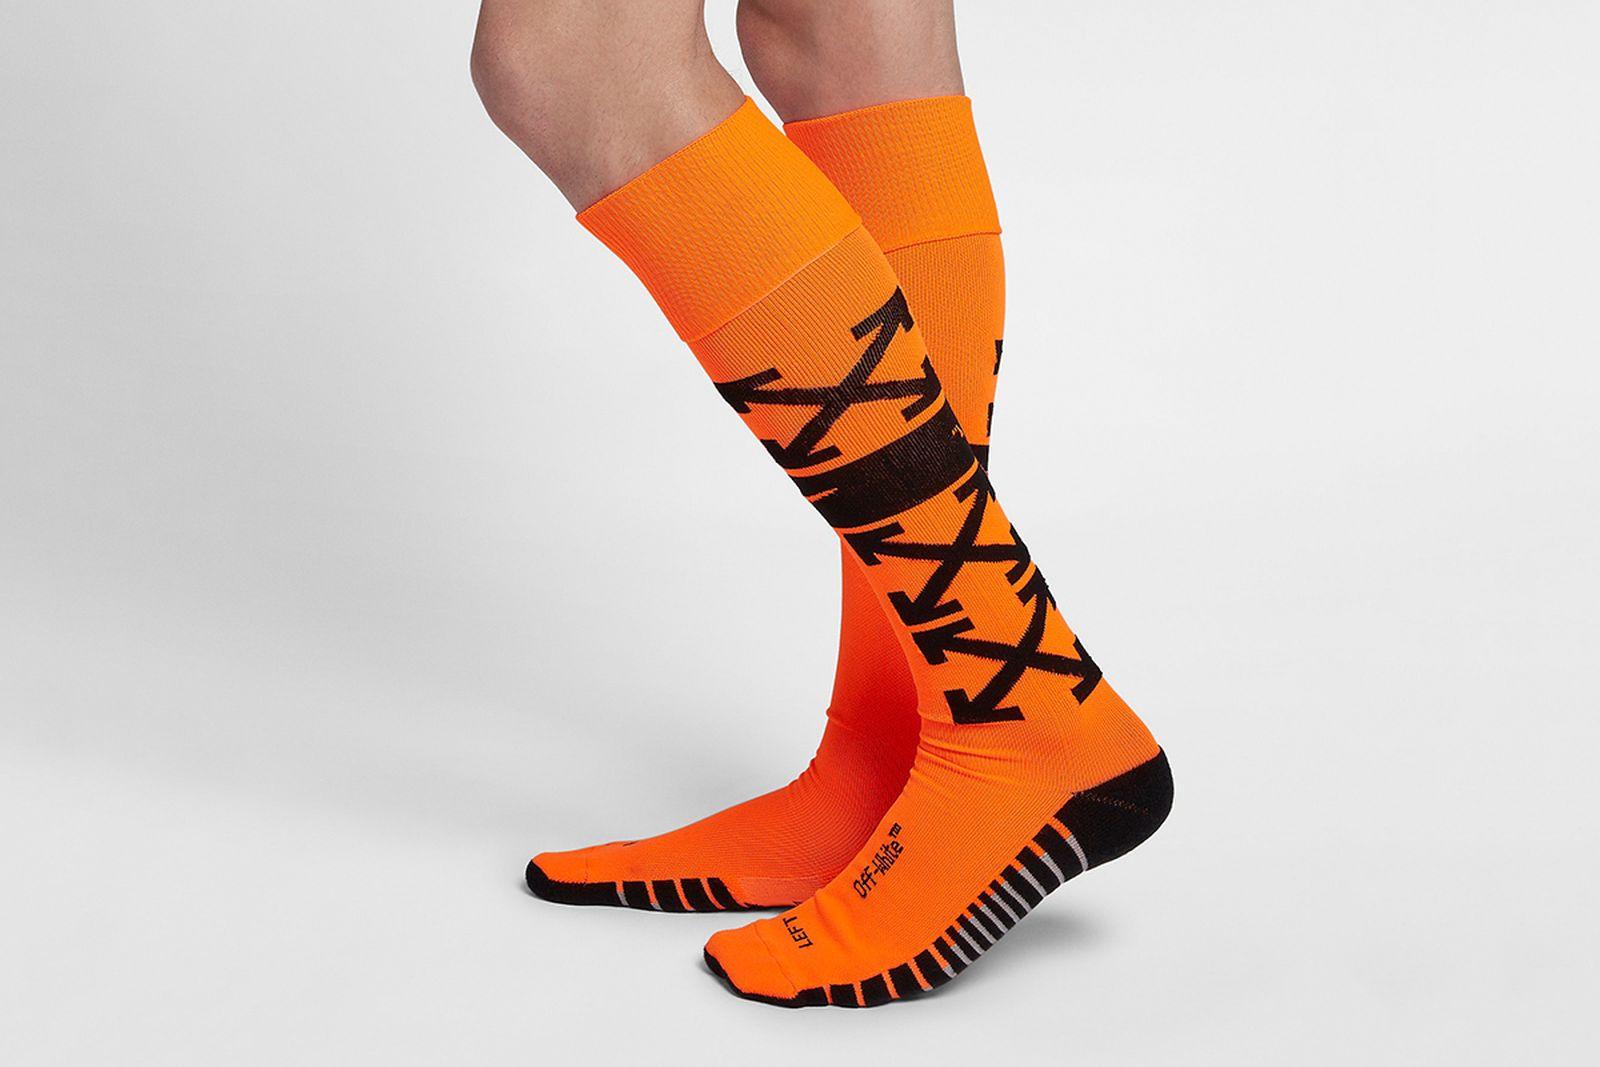 soccer socks orange2 2018 FIFA World Cup Nike OFF-WHITE c/o Virgil Abloh